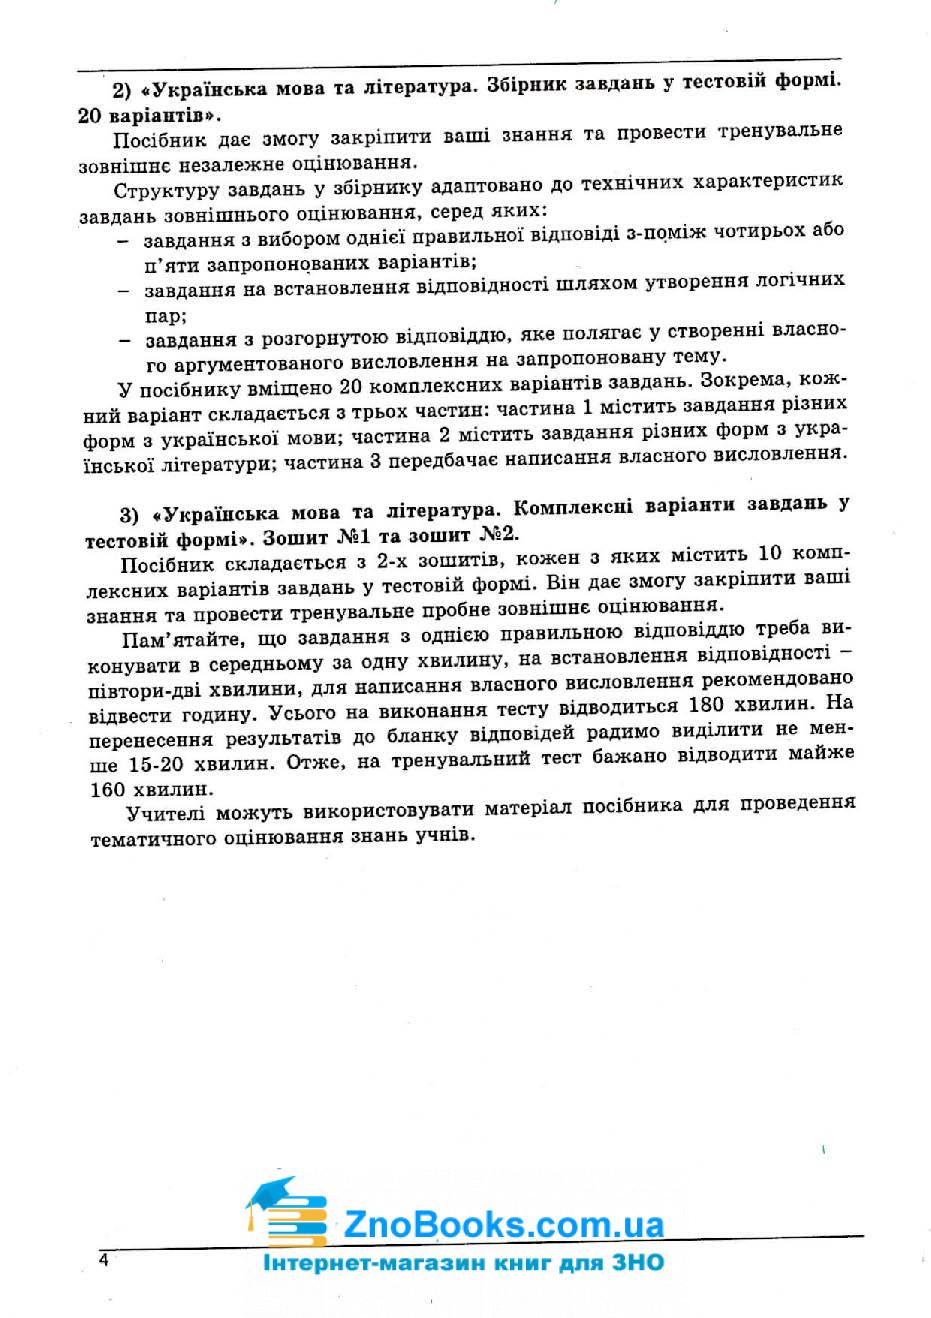 Українська мова та література ЗНО 2020. Довідник + тести : Куриліна О. Абетка. купити 4